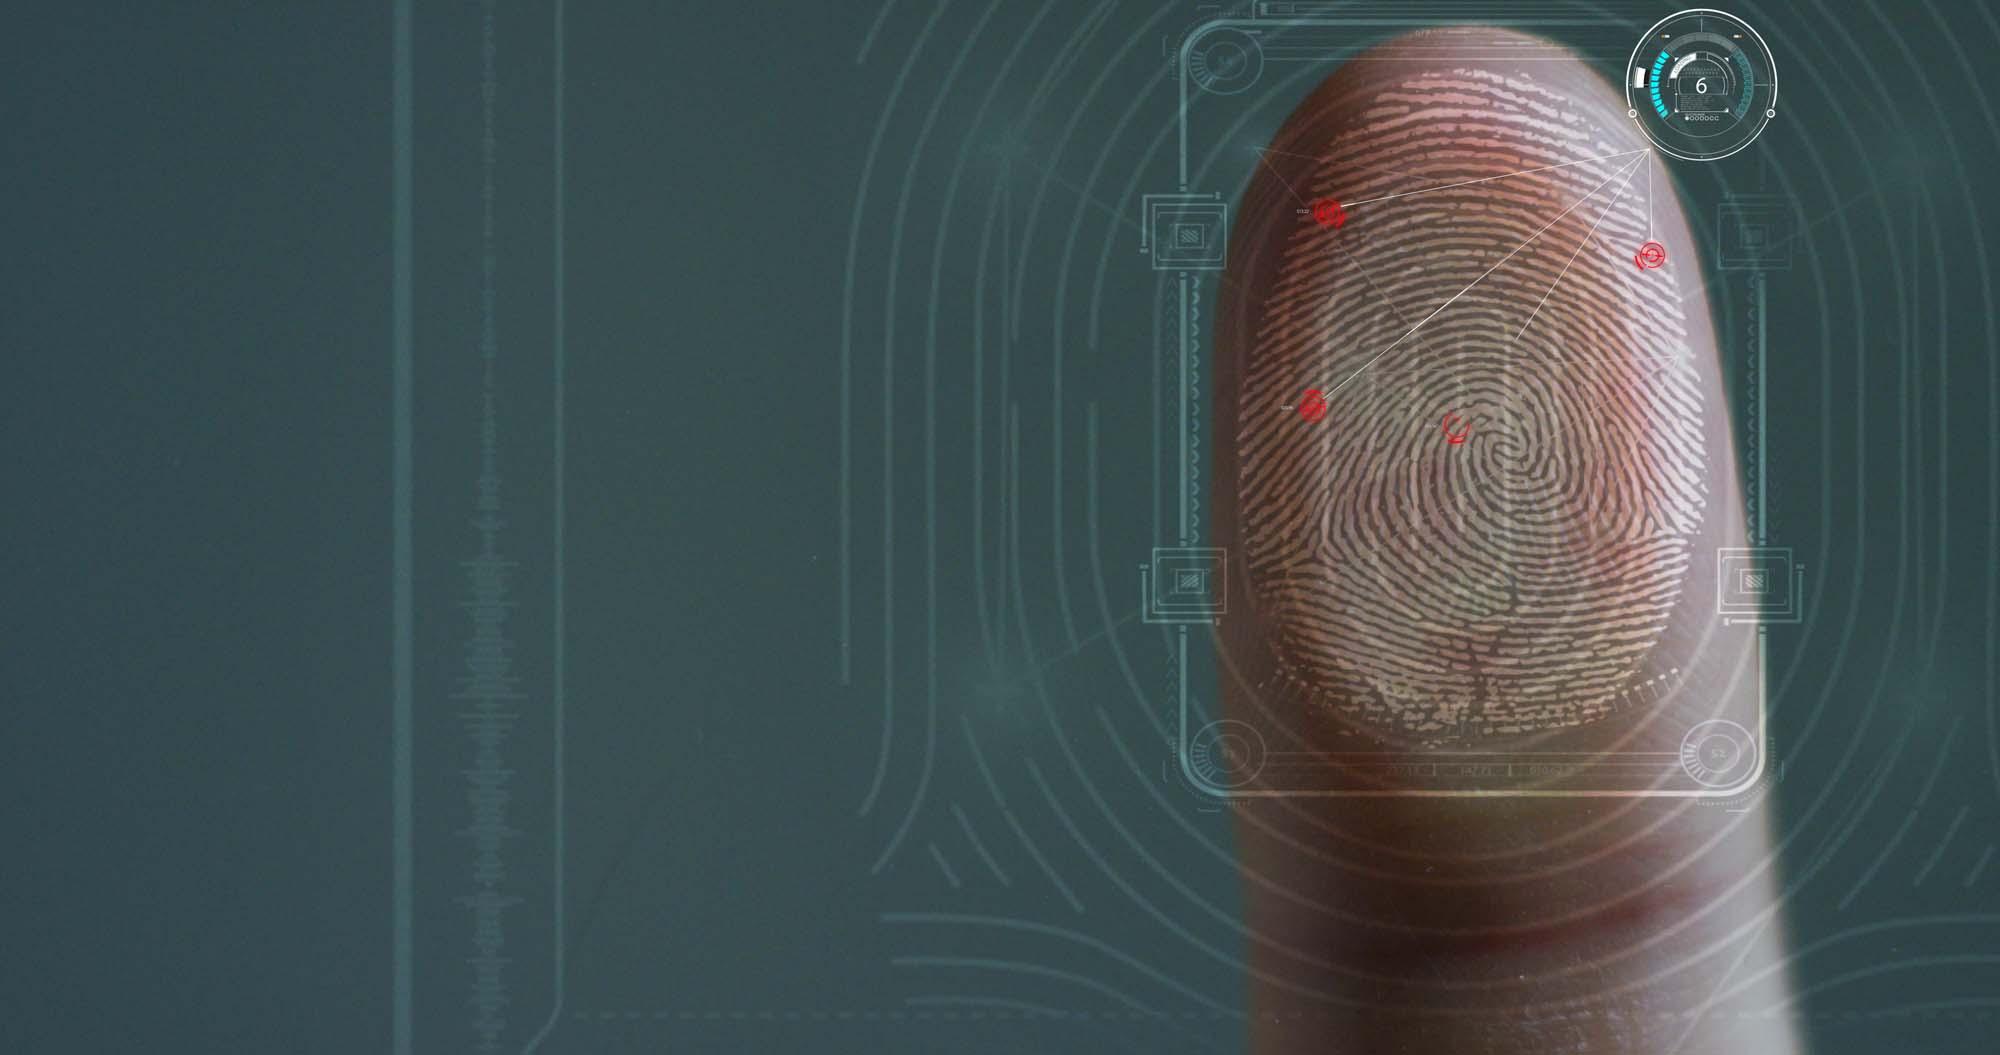 Buscan hacer realidad la clasificación de millones de huellas digitales en segundos